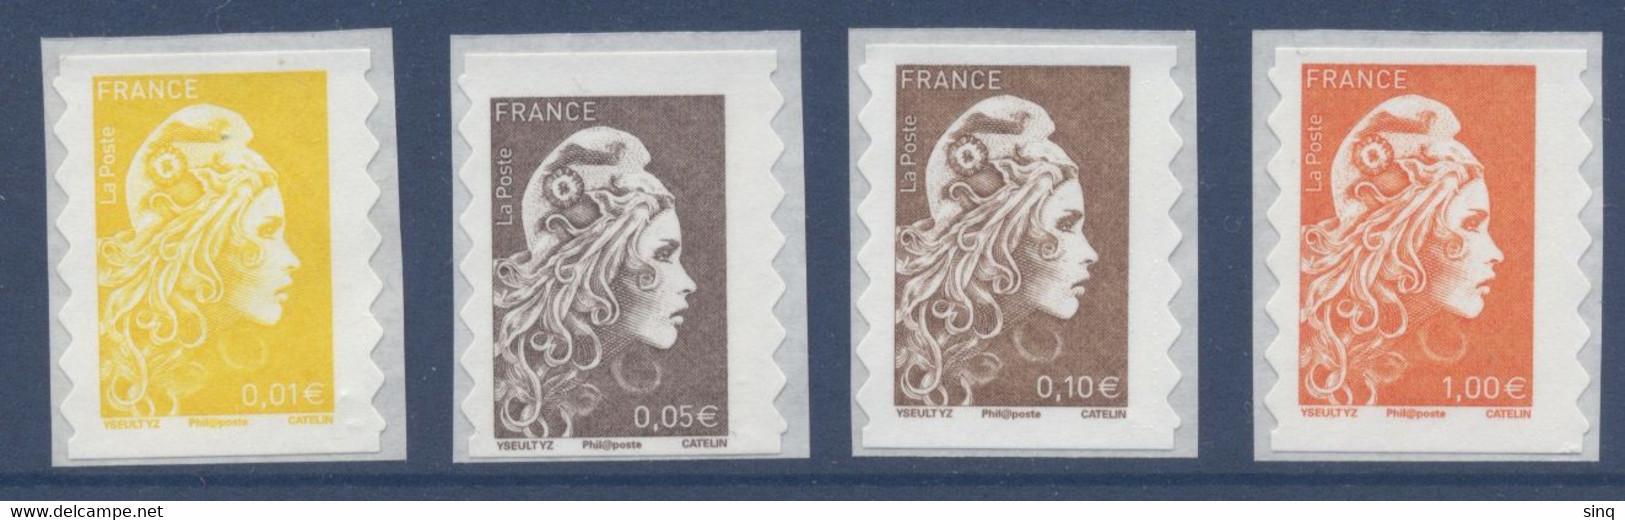 N° 1594 1595 1596 1600  Marianne L'engagée Adhésif Année 2018 Faciale 1,16 € - Luchtpost